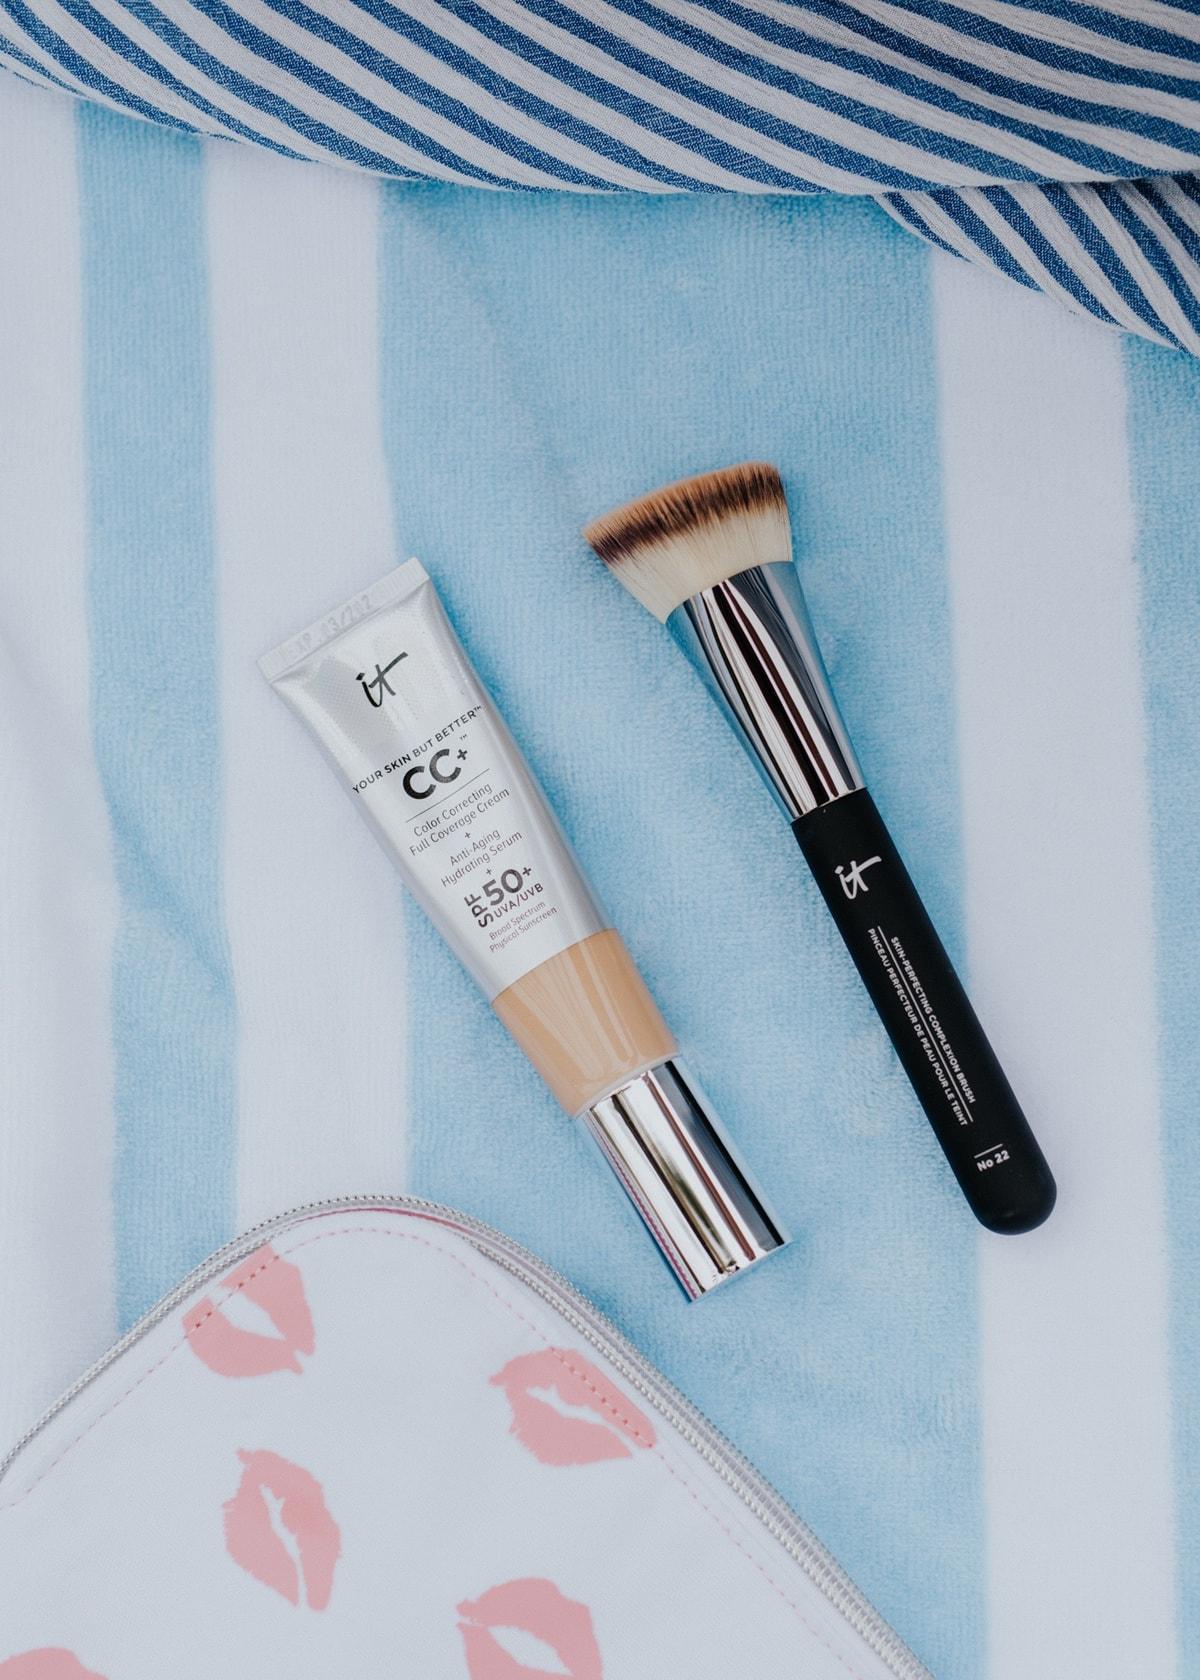 IT cosmetics CC cream deal